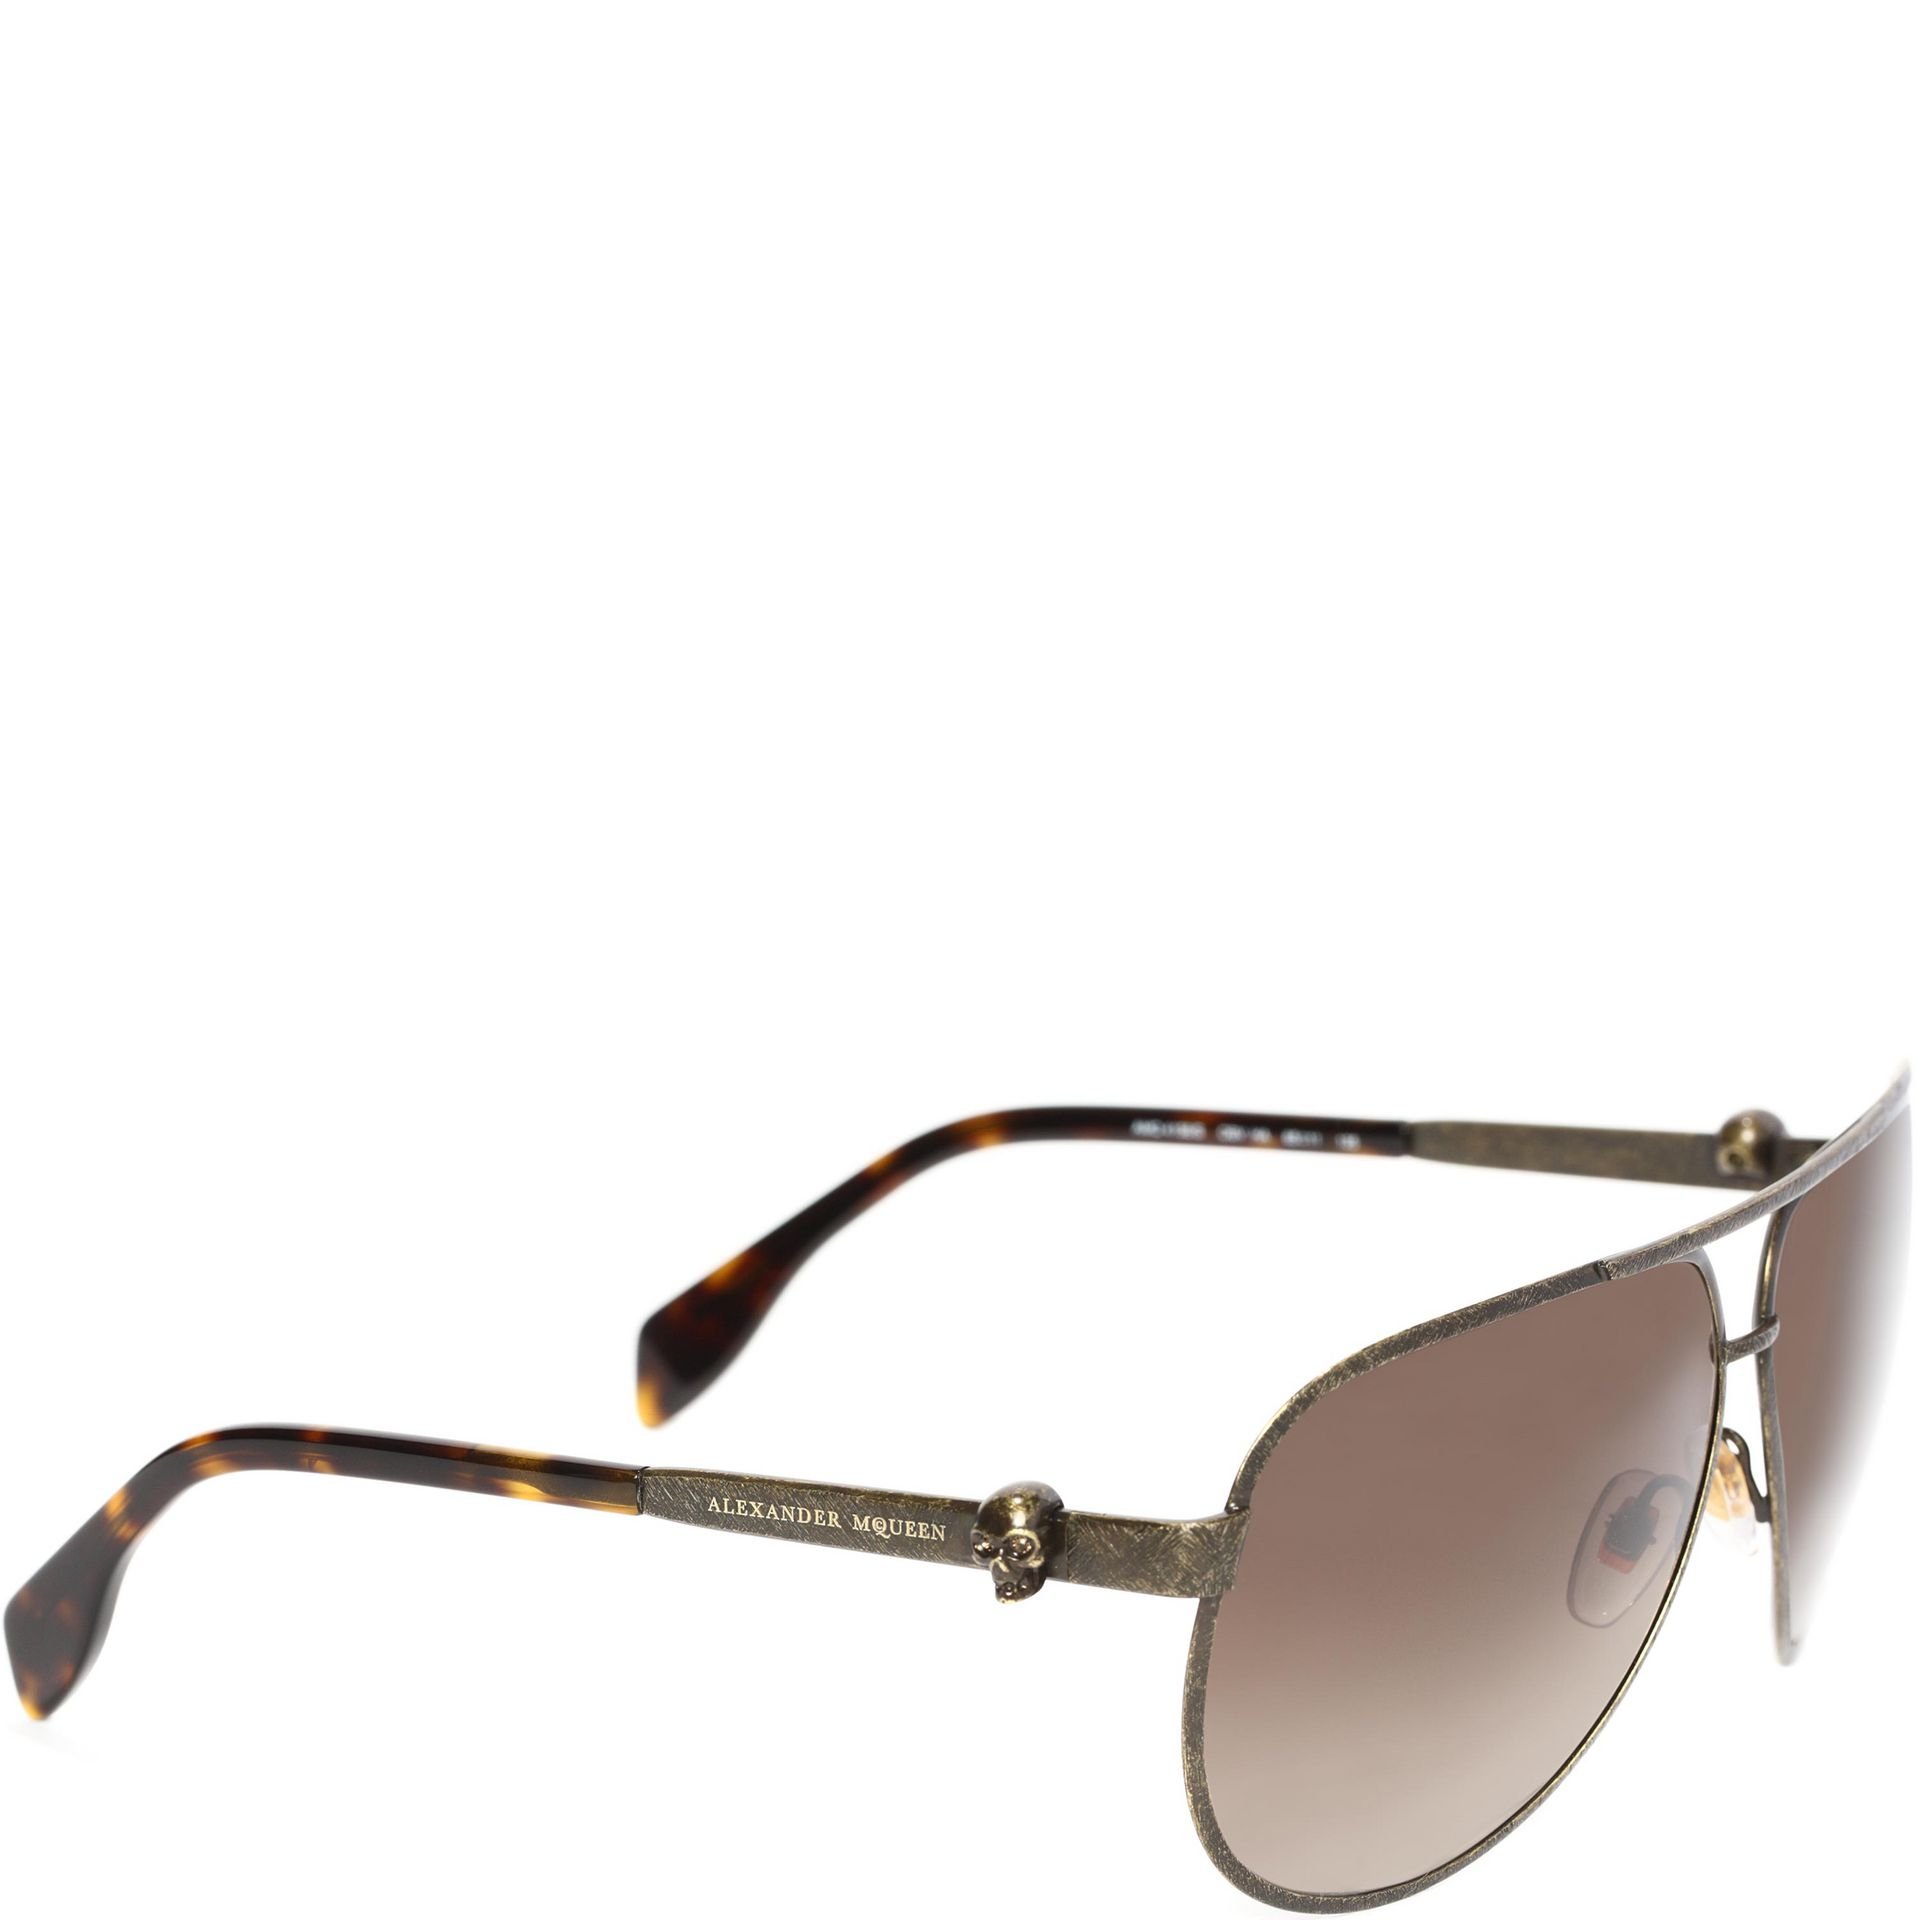 7dad38c86f Lyst - Alexander McQueen Metallic Skull Pilot Sunglasses in Brown ...